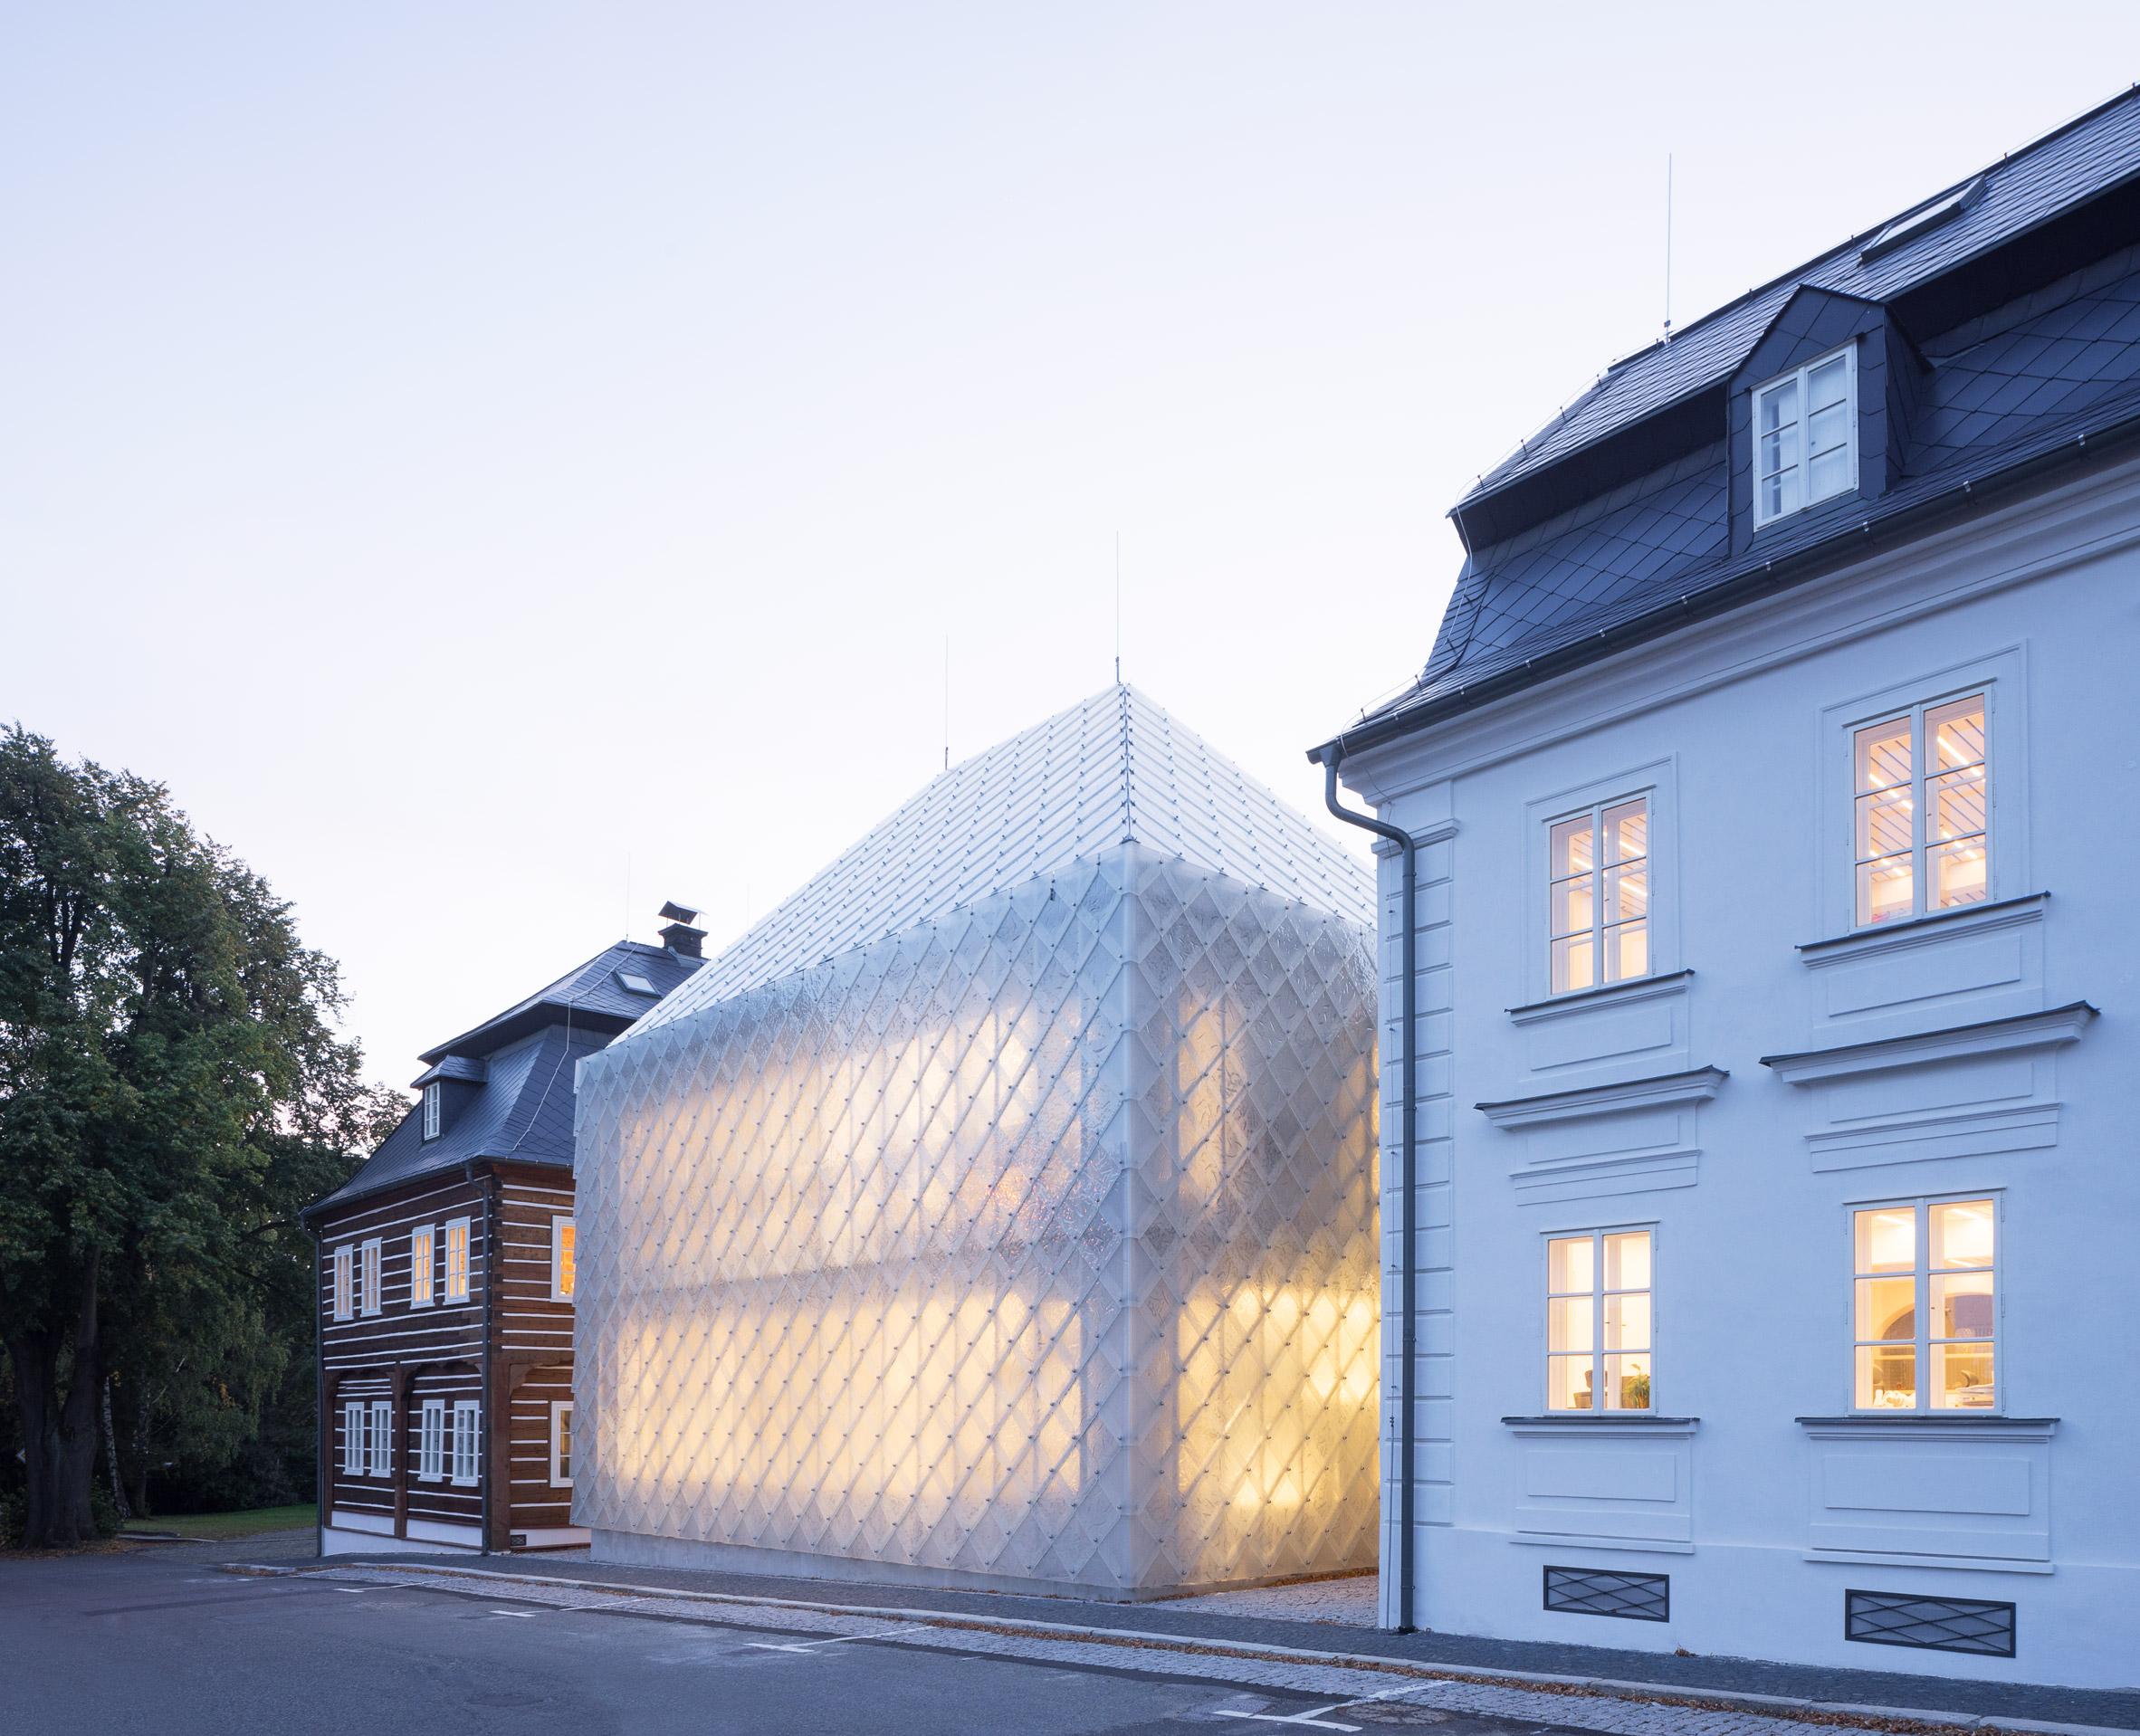 Headquarters for glass company Lasvit in Nový Bor, Czech Republic, by Ov-a Architekti Studio